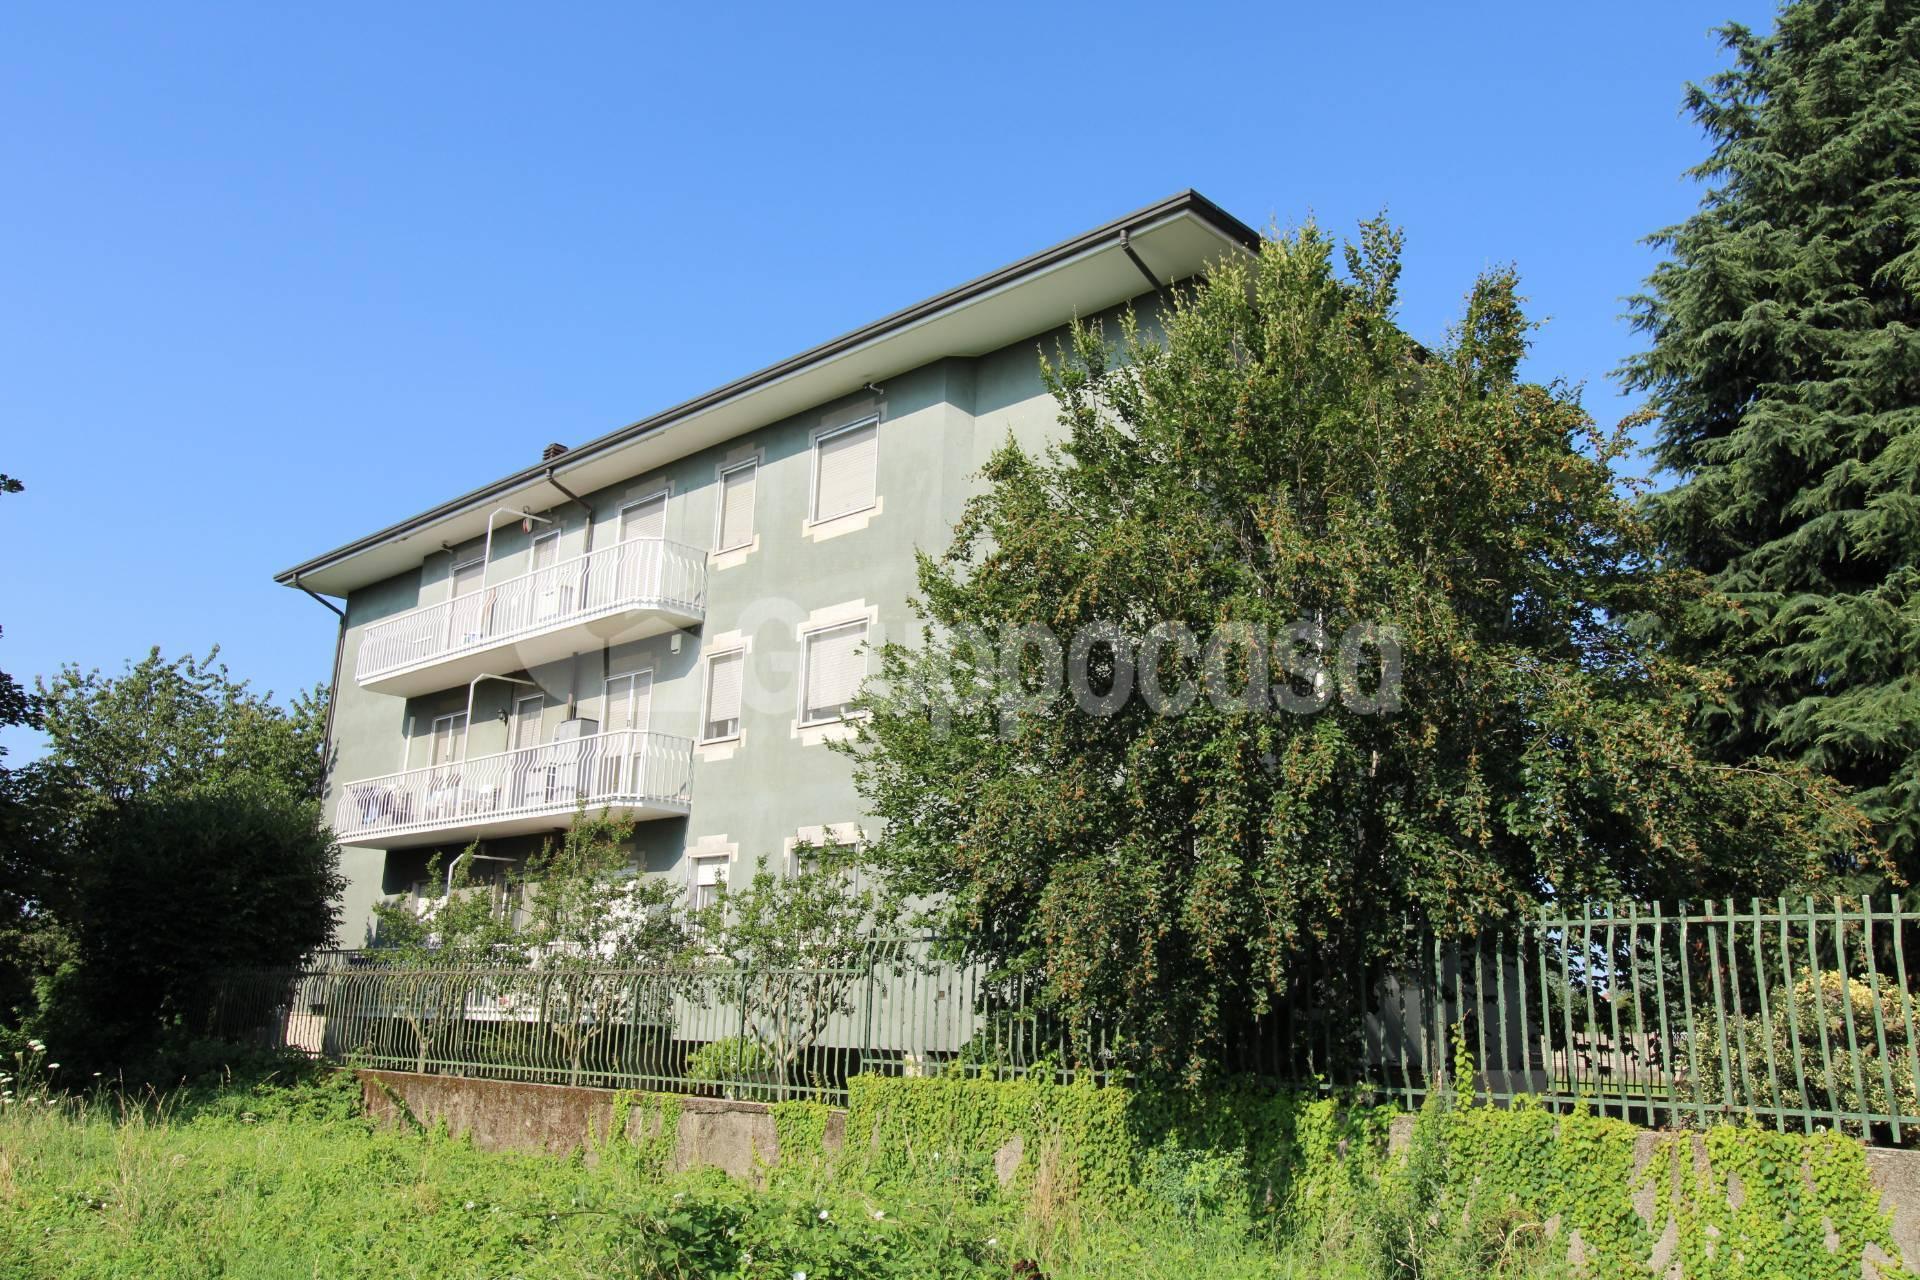 Appartamento in vendita a Rho, 3 locali, zona Zona: Terrazzano, prezzo € 140.000   CambioCasa.it